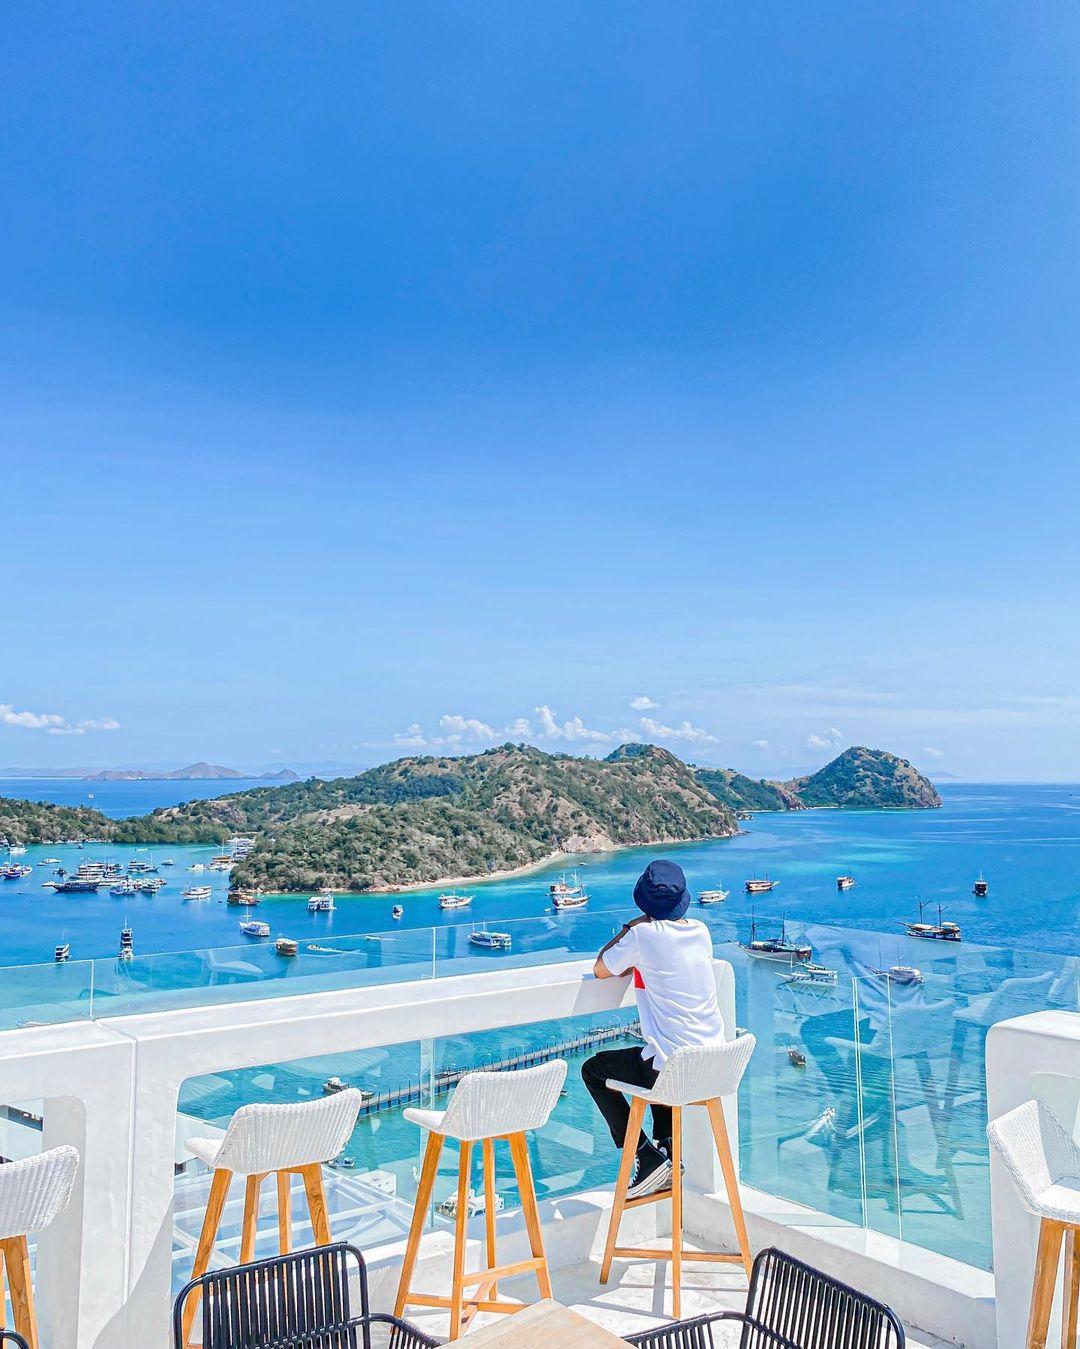 Pemandangan Pulau Dan Kapal Dari Loccal Collection Hotel Labuan Bajo Image From @drewrumangun